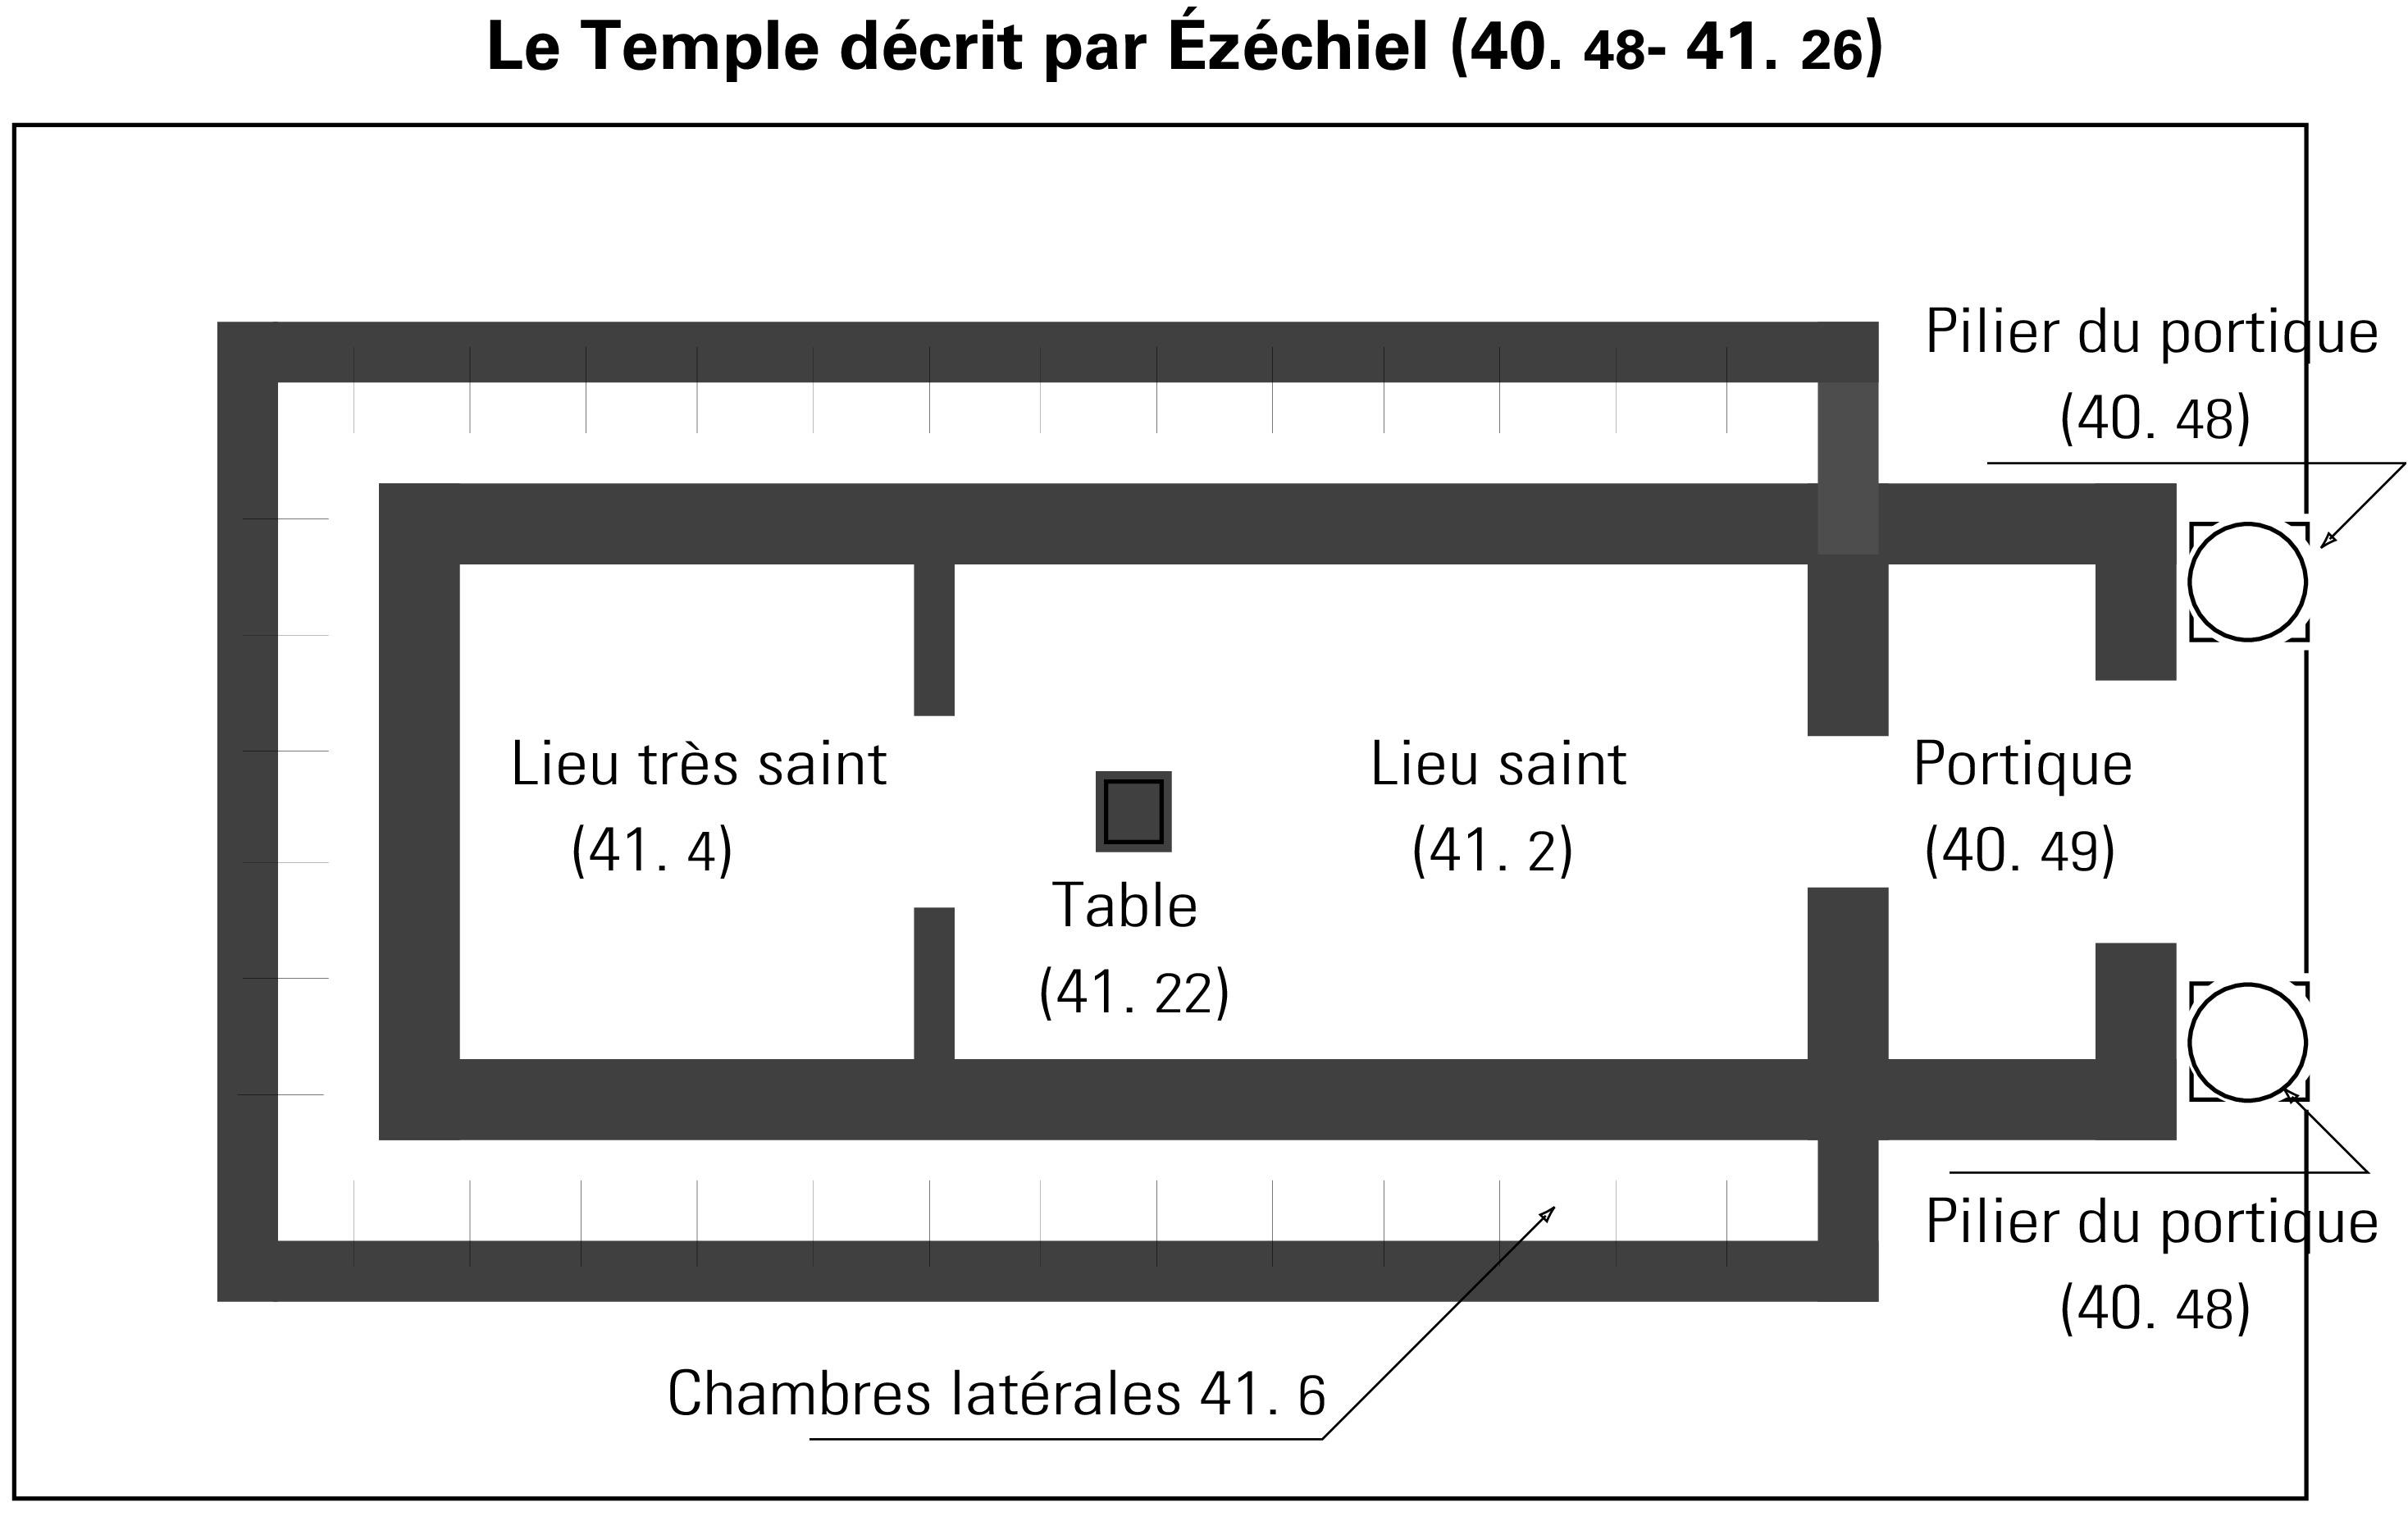 Plan du temple décrit par Ézéchiel